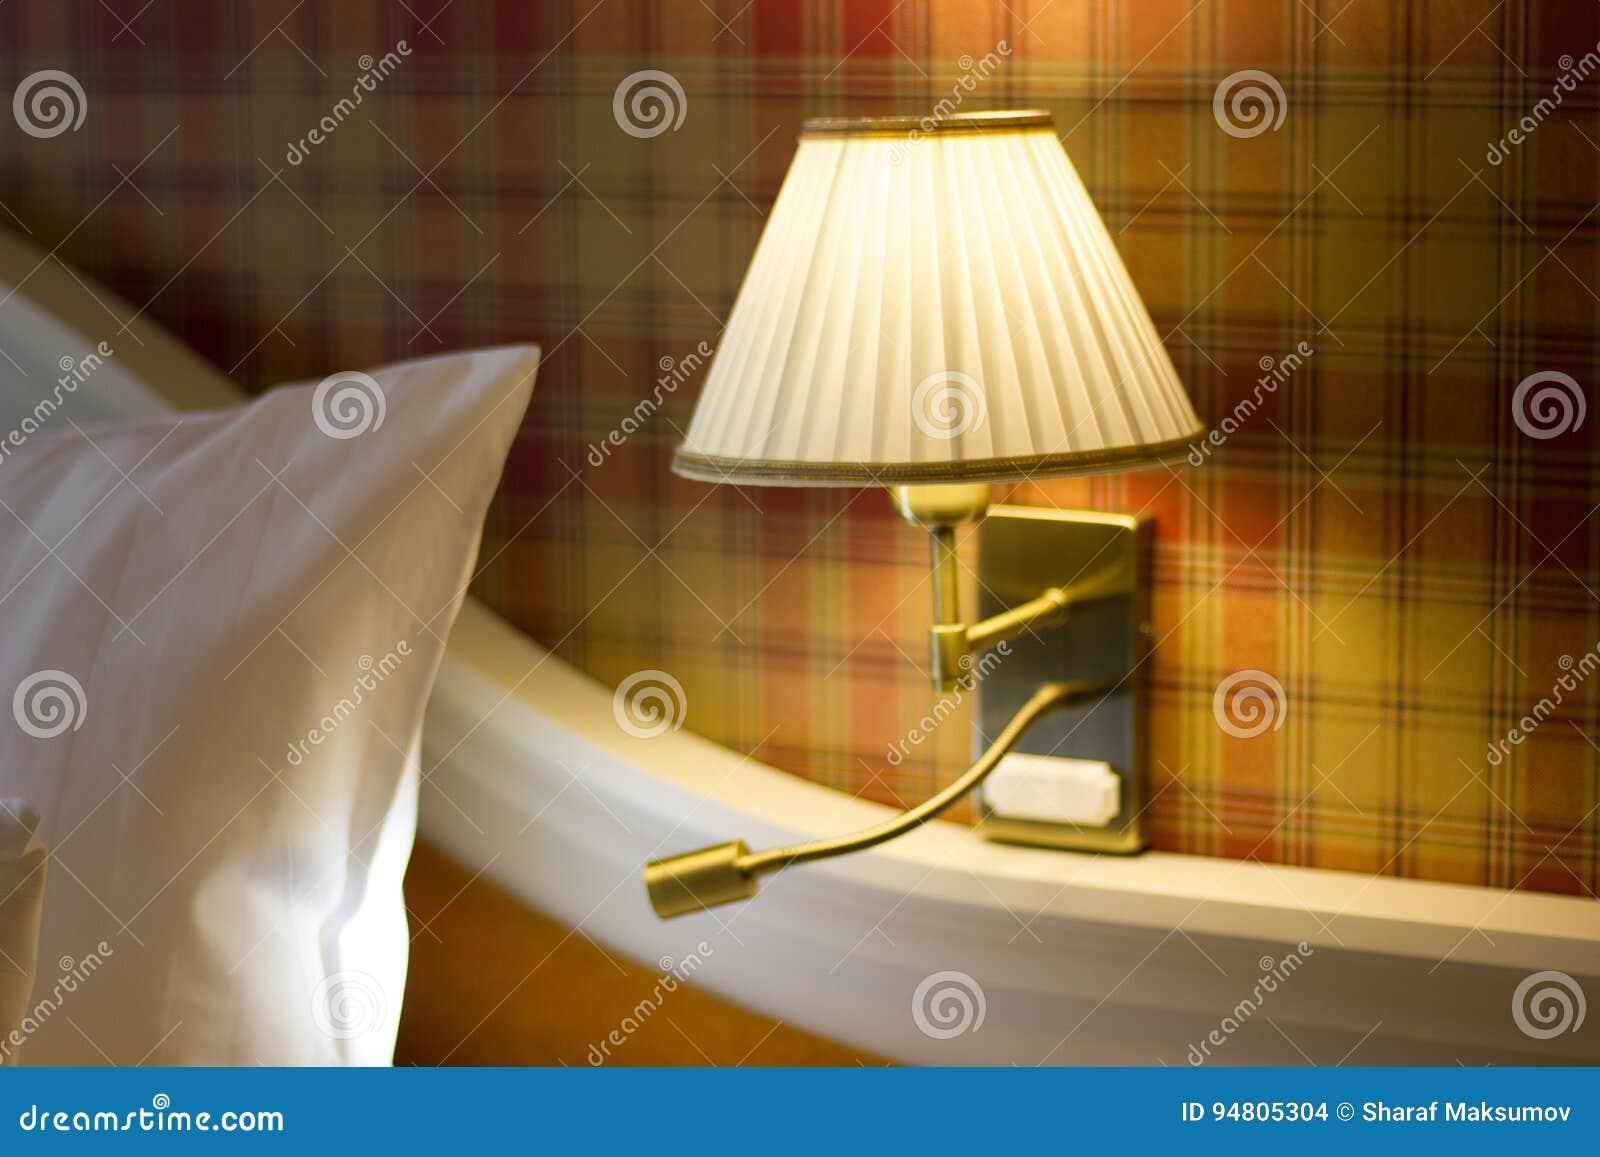 Muurlamp in slaapkamer stock foto. Afbeelding bestaande uit ...